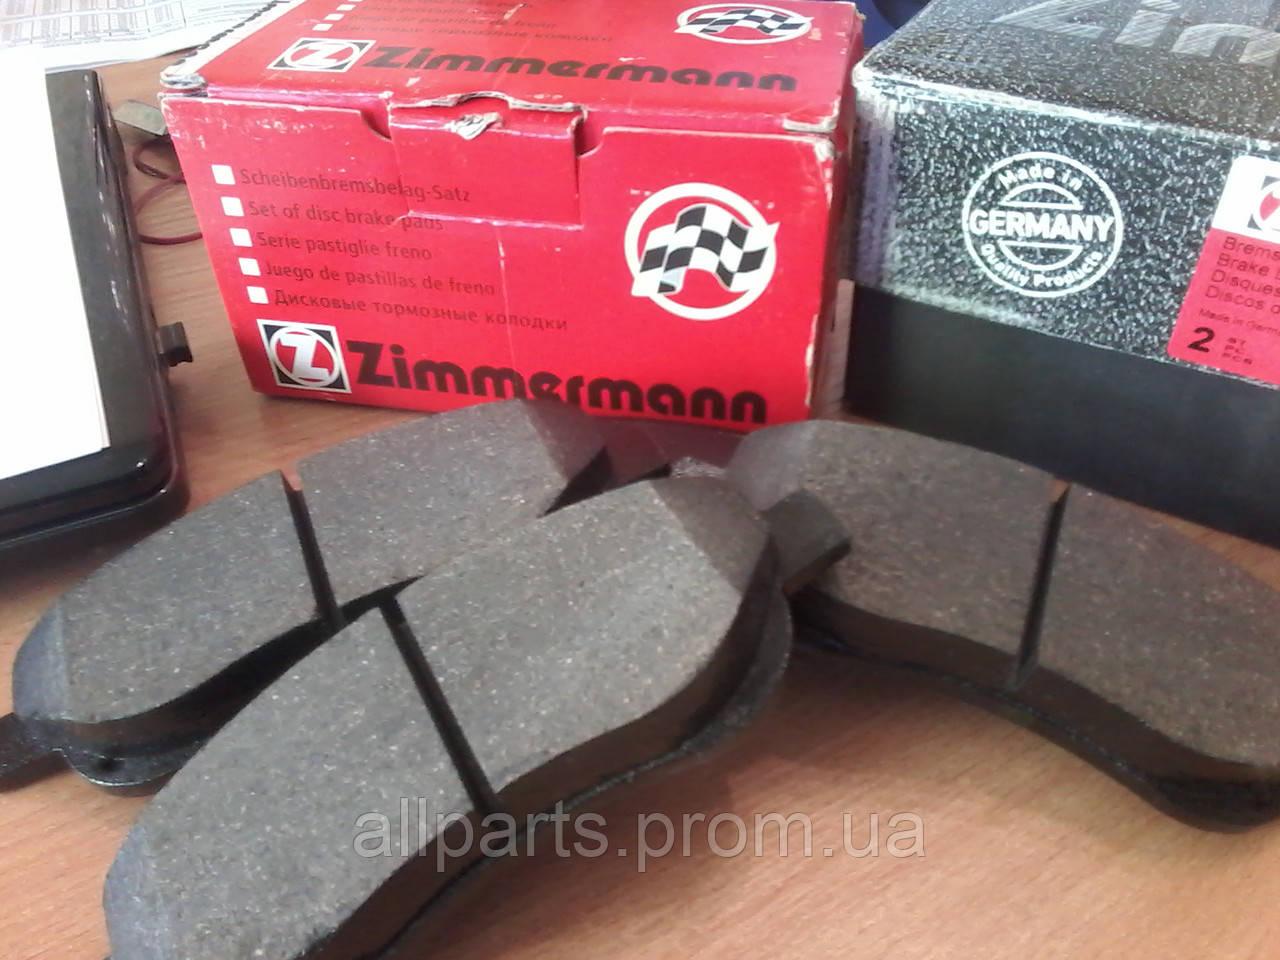 Колодки тормозные Otto Zimmermann (Зимерман, страна производитель Германия) передние и задние